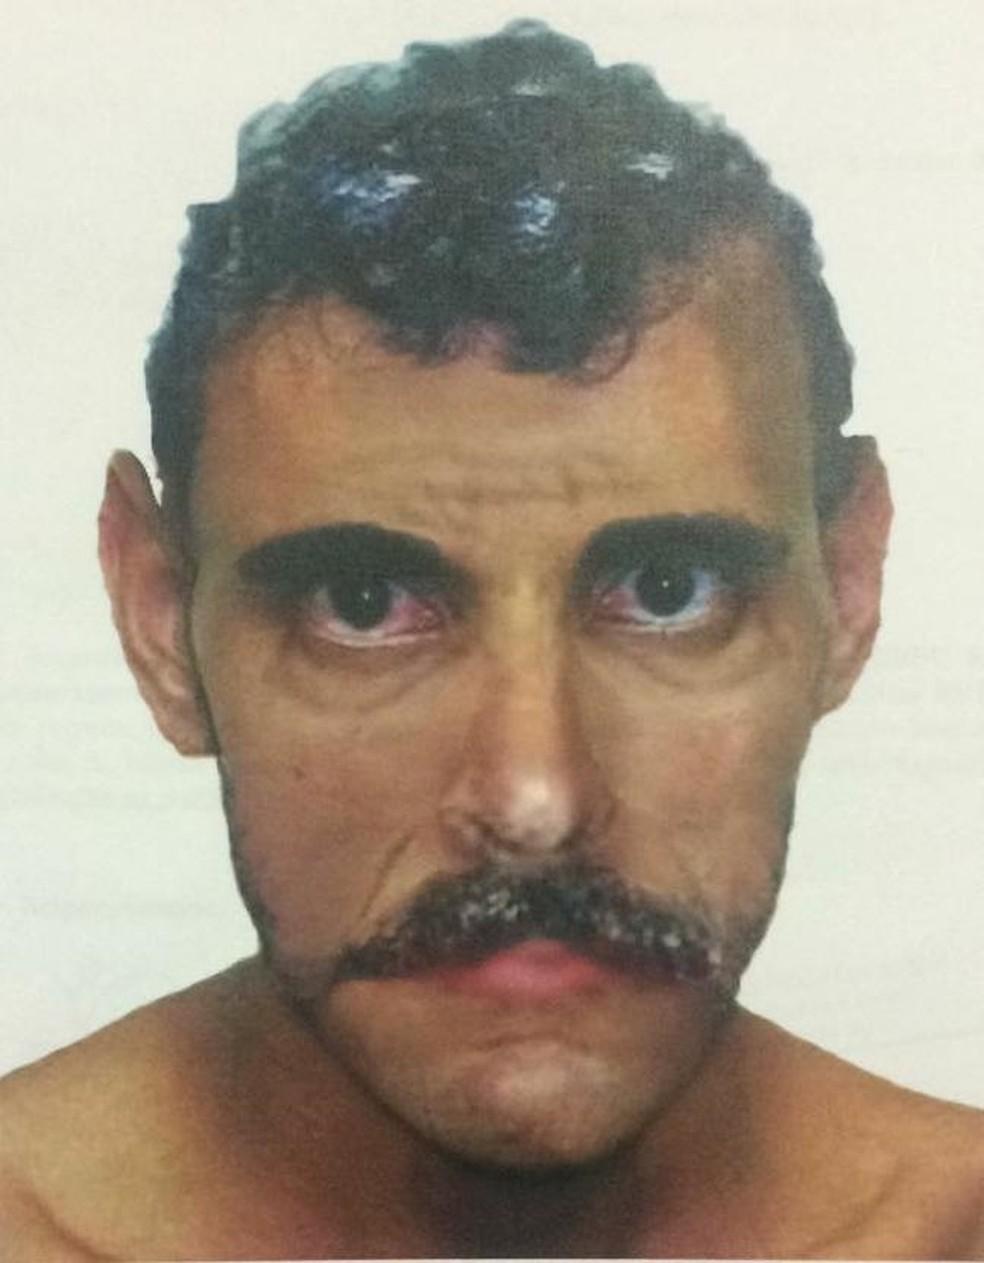 Polícia divulga retrato falado de suspeito de ejacular em mulheres dentro de ônibus em Fortaleza (Foto: Divulgação SSPDS)